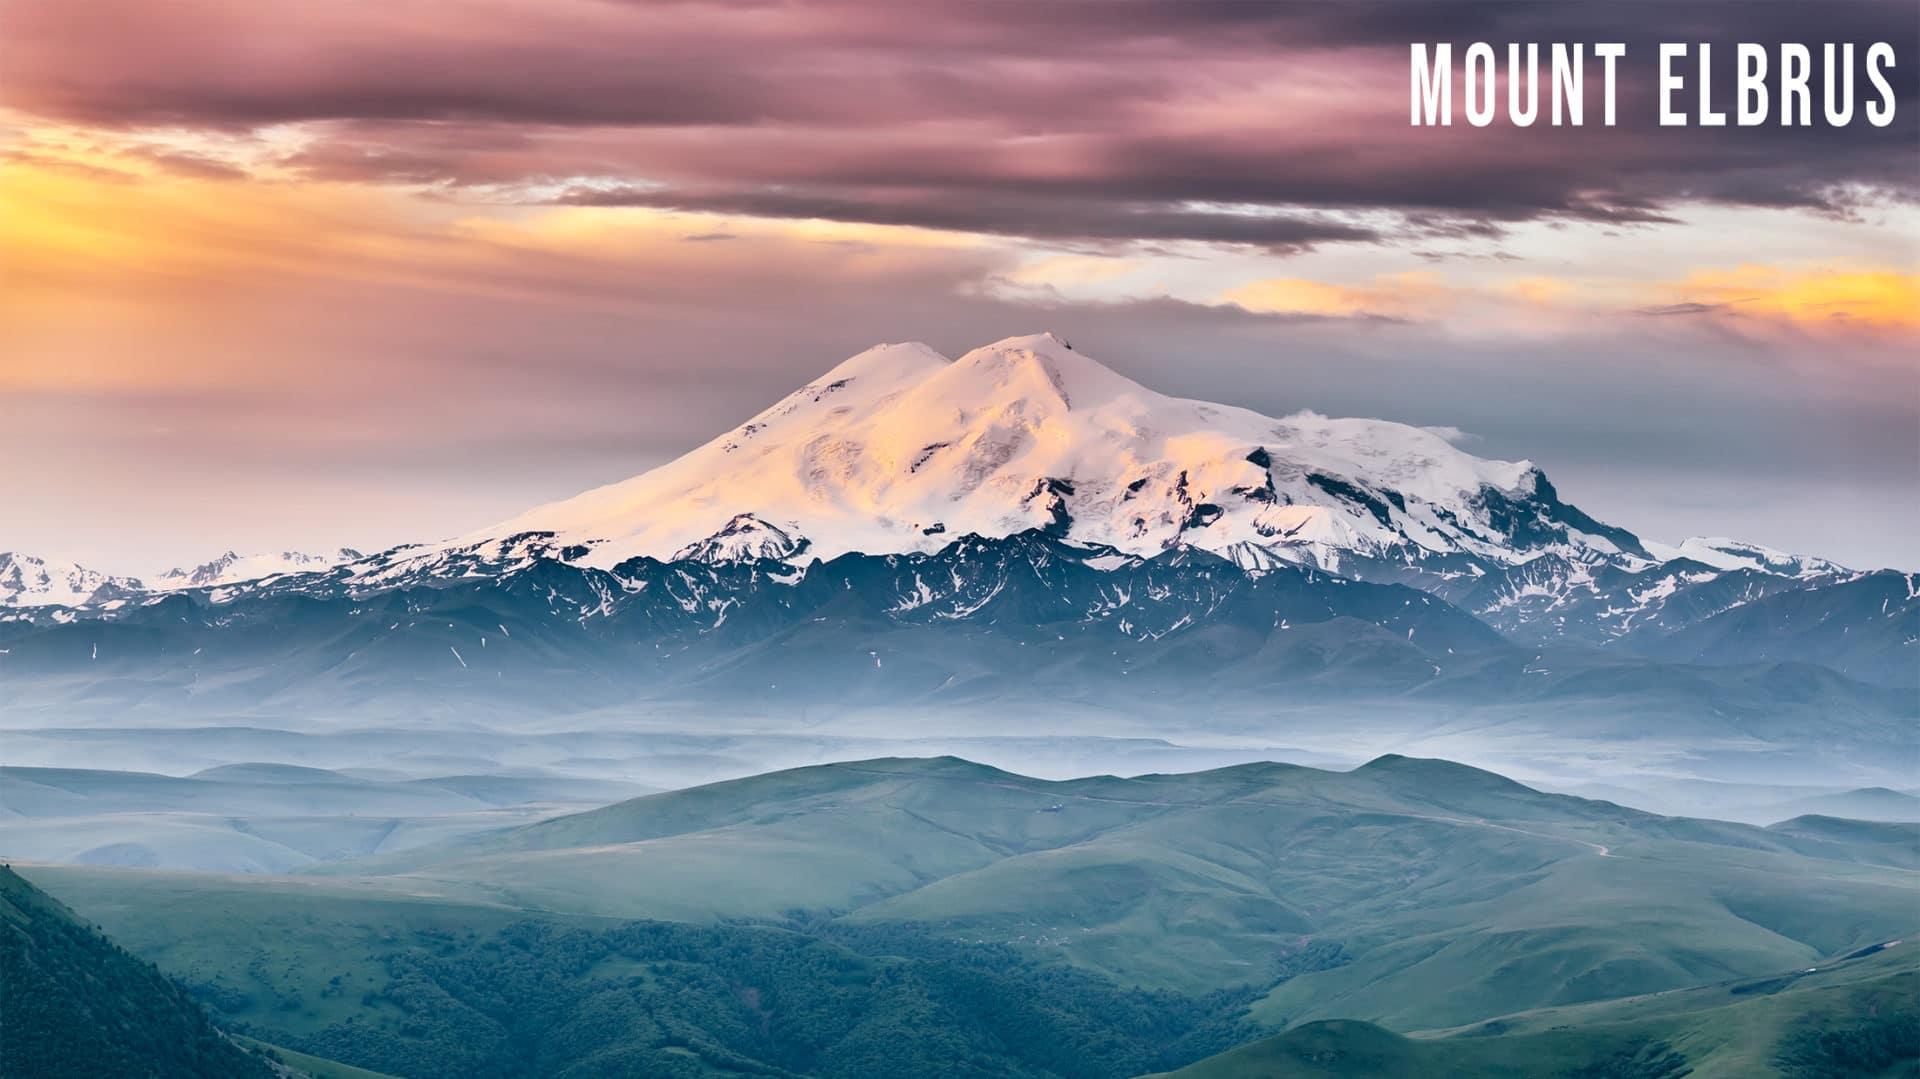 Mount Elbrus in Europe